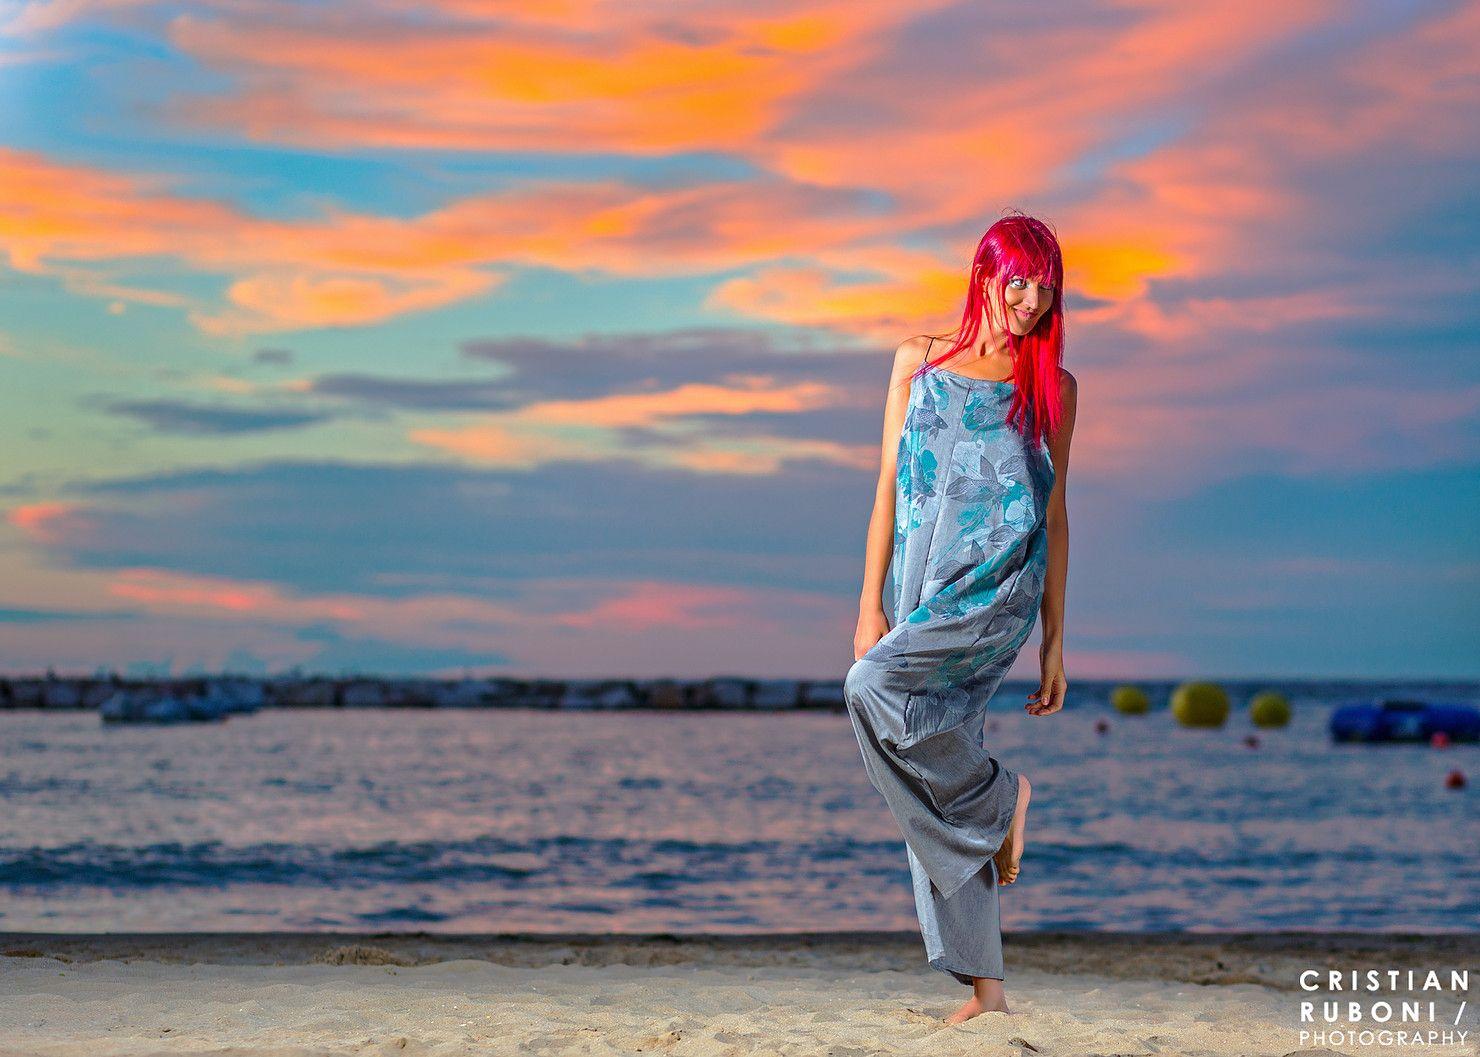 Cristian Ruboni Photography  Servizi fotografici per modelle, fashion designers, boutiques, negozi di moda e molto altro!  #womenfashion #moda #donna #fotografo #tramonto #dress #mare